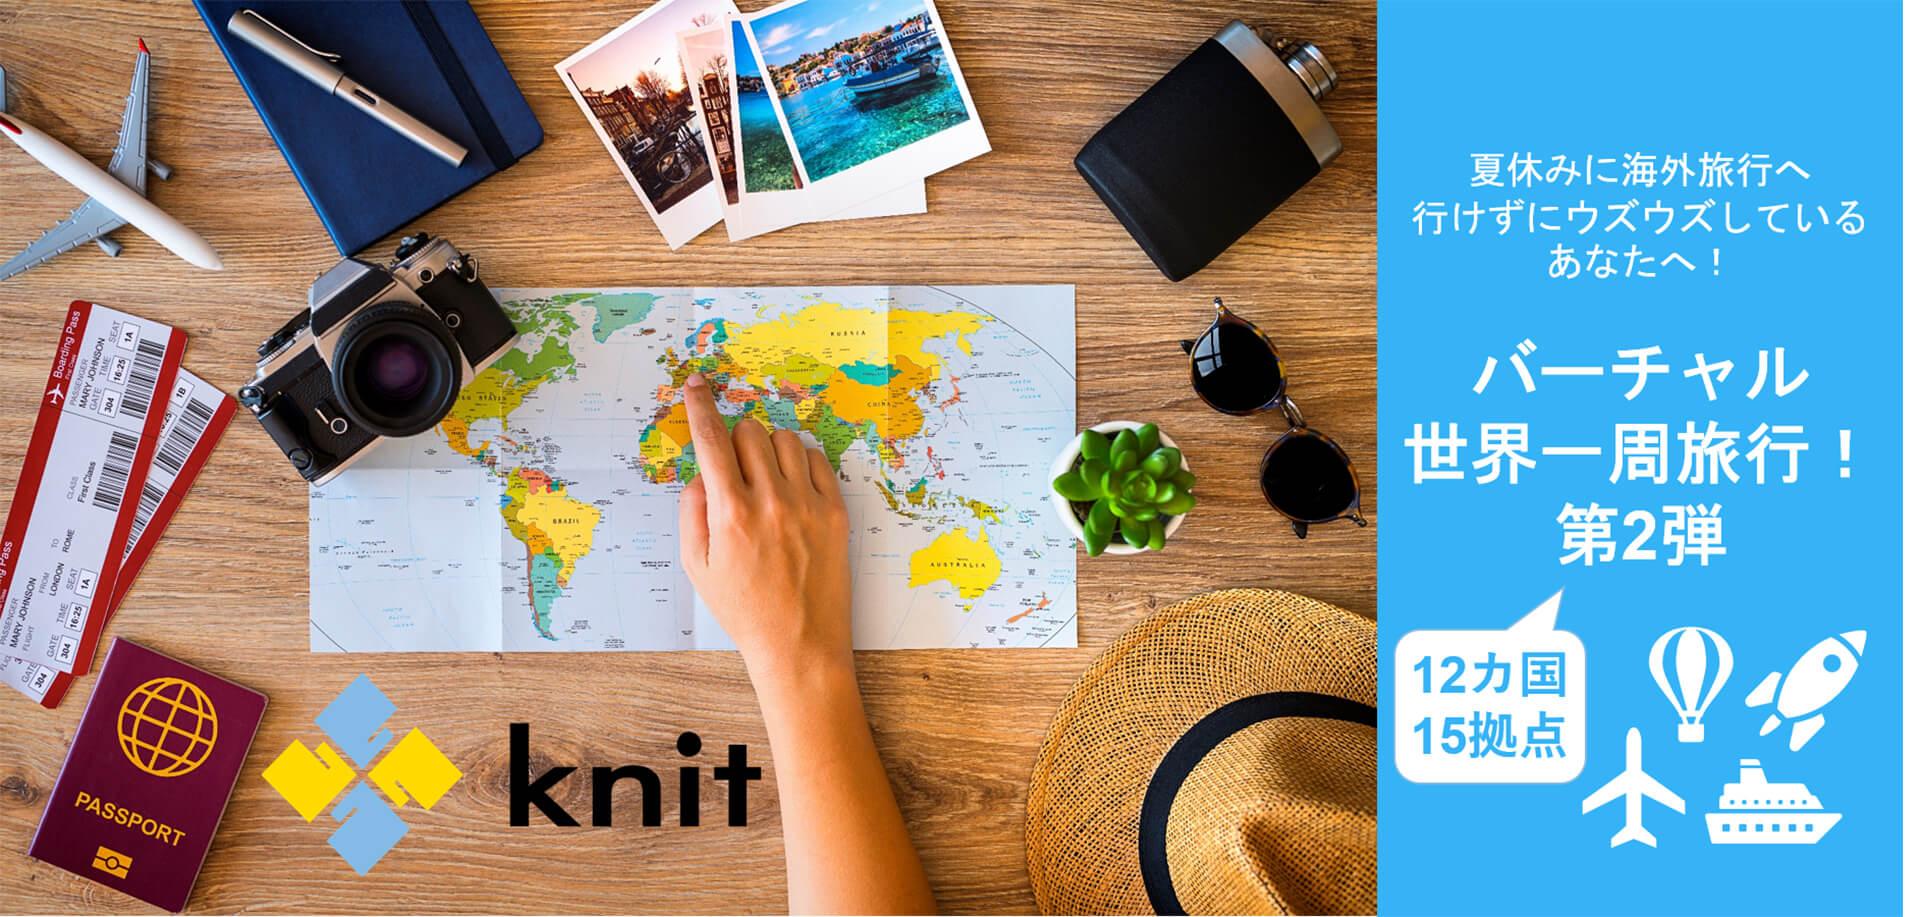 世界12カ国・15拠点を繋いだバーチャル世界一周旅行